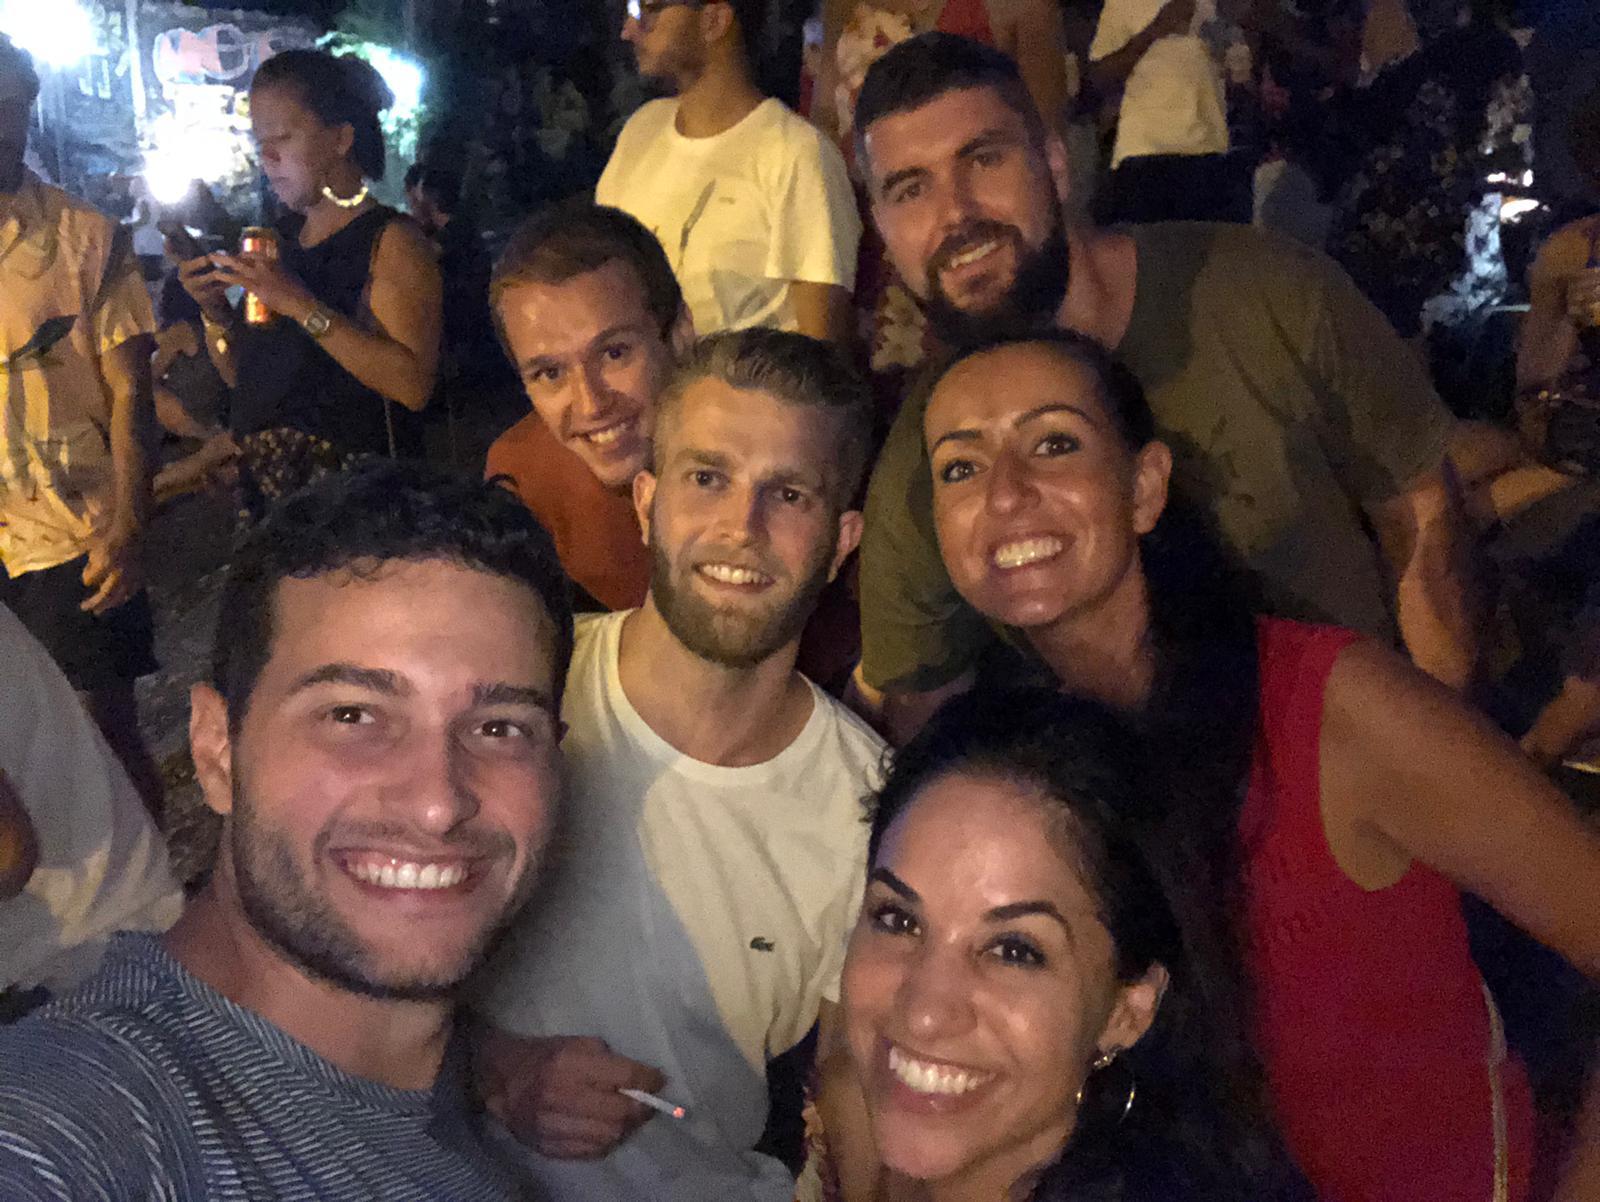 Grupo de estudiantes de diferentes países haciendo uns selfie por la noche.